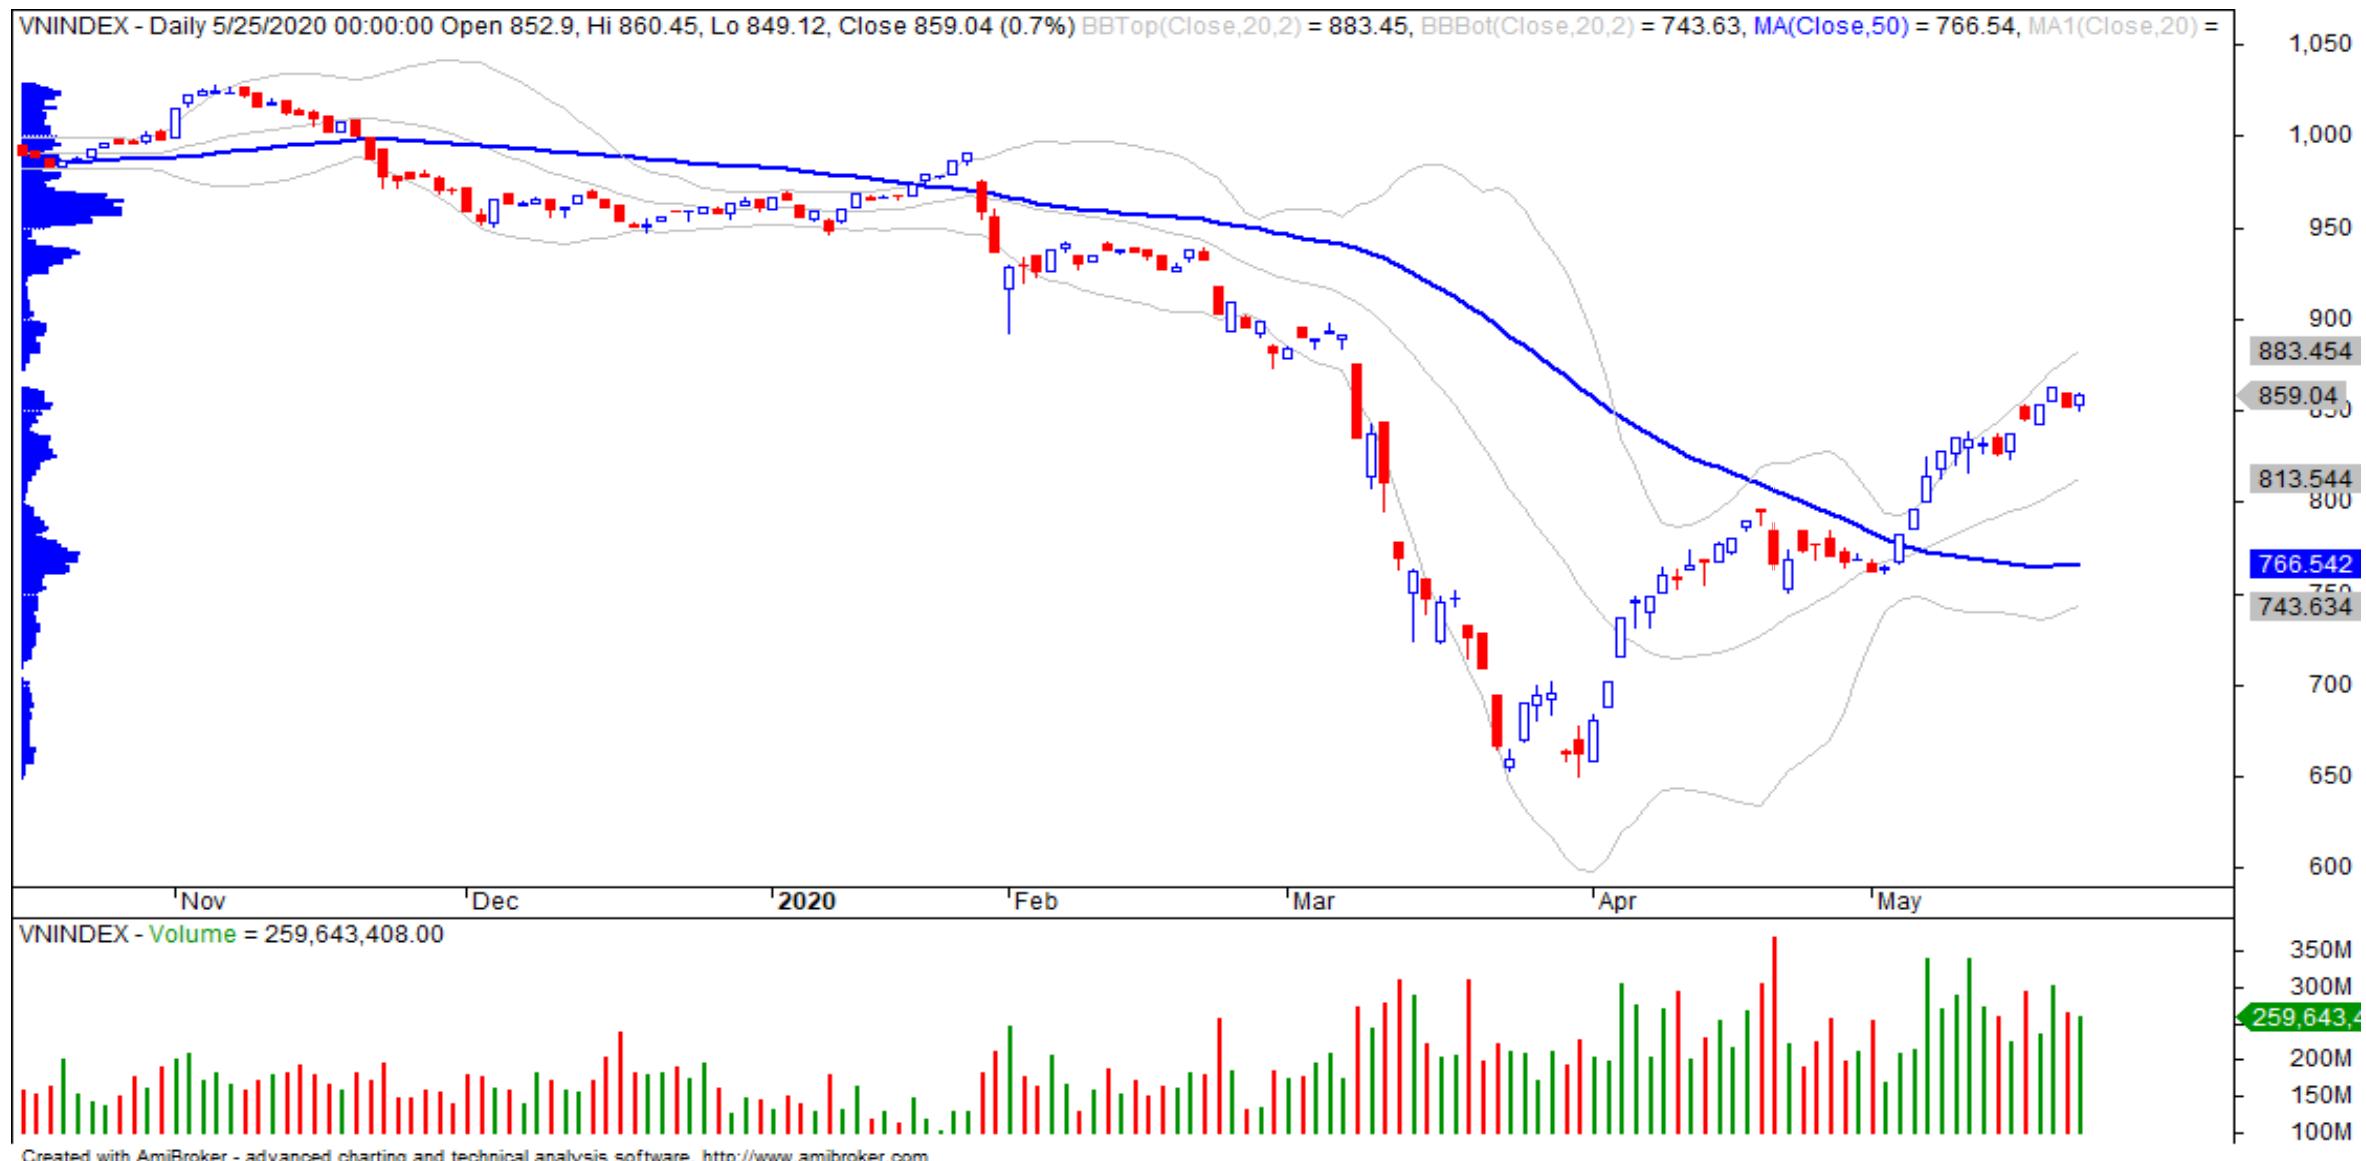 Nhận định thị trường chứng khoán ngày 26/5: Tâm lí giao dịch cải thiện, VN-Index hướng đến vùng cản 863 điểm - Ảnh 1.